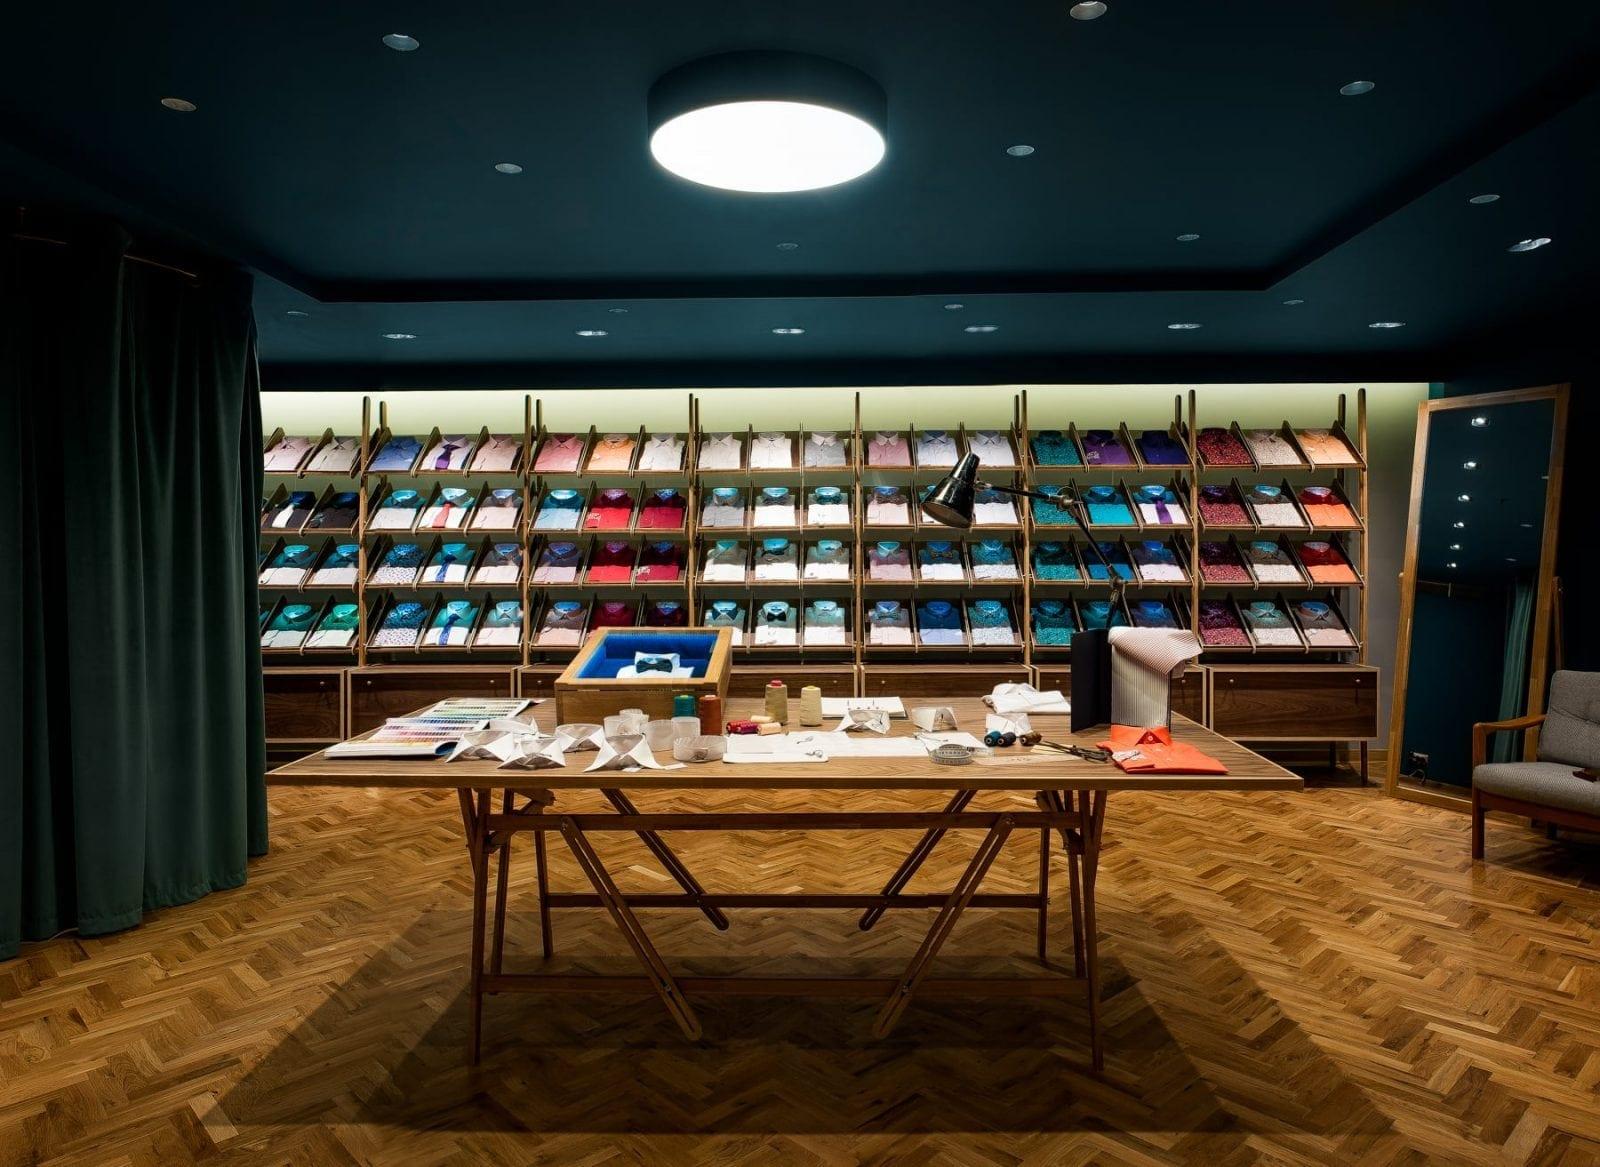 2 - Braiconf, în cadrul galeriilor comerciale The Grand Avenue din JW Marriott